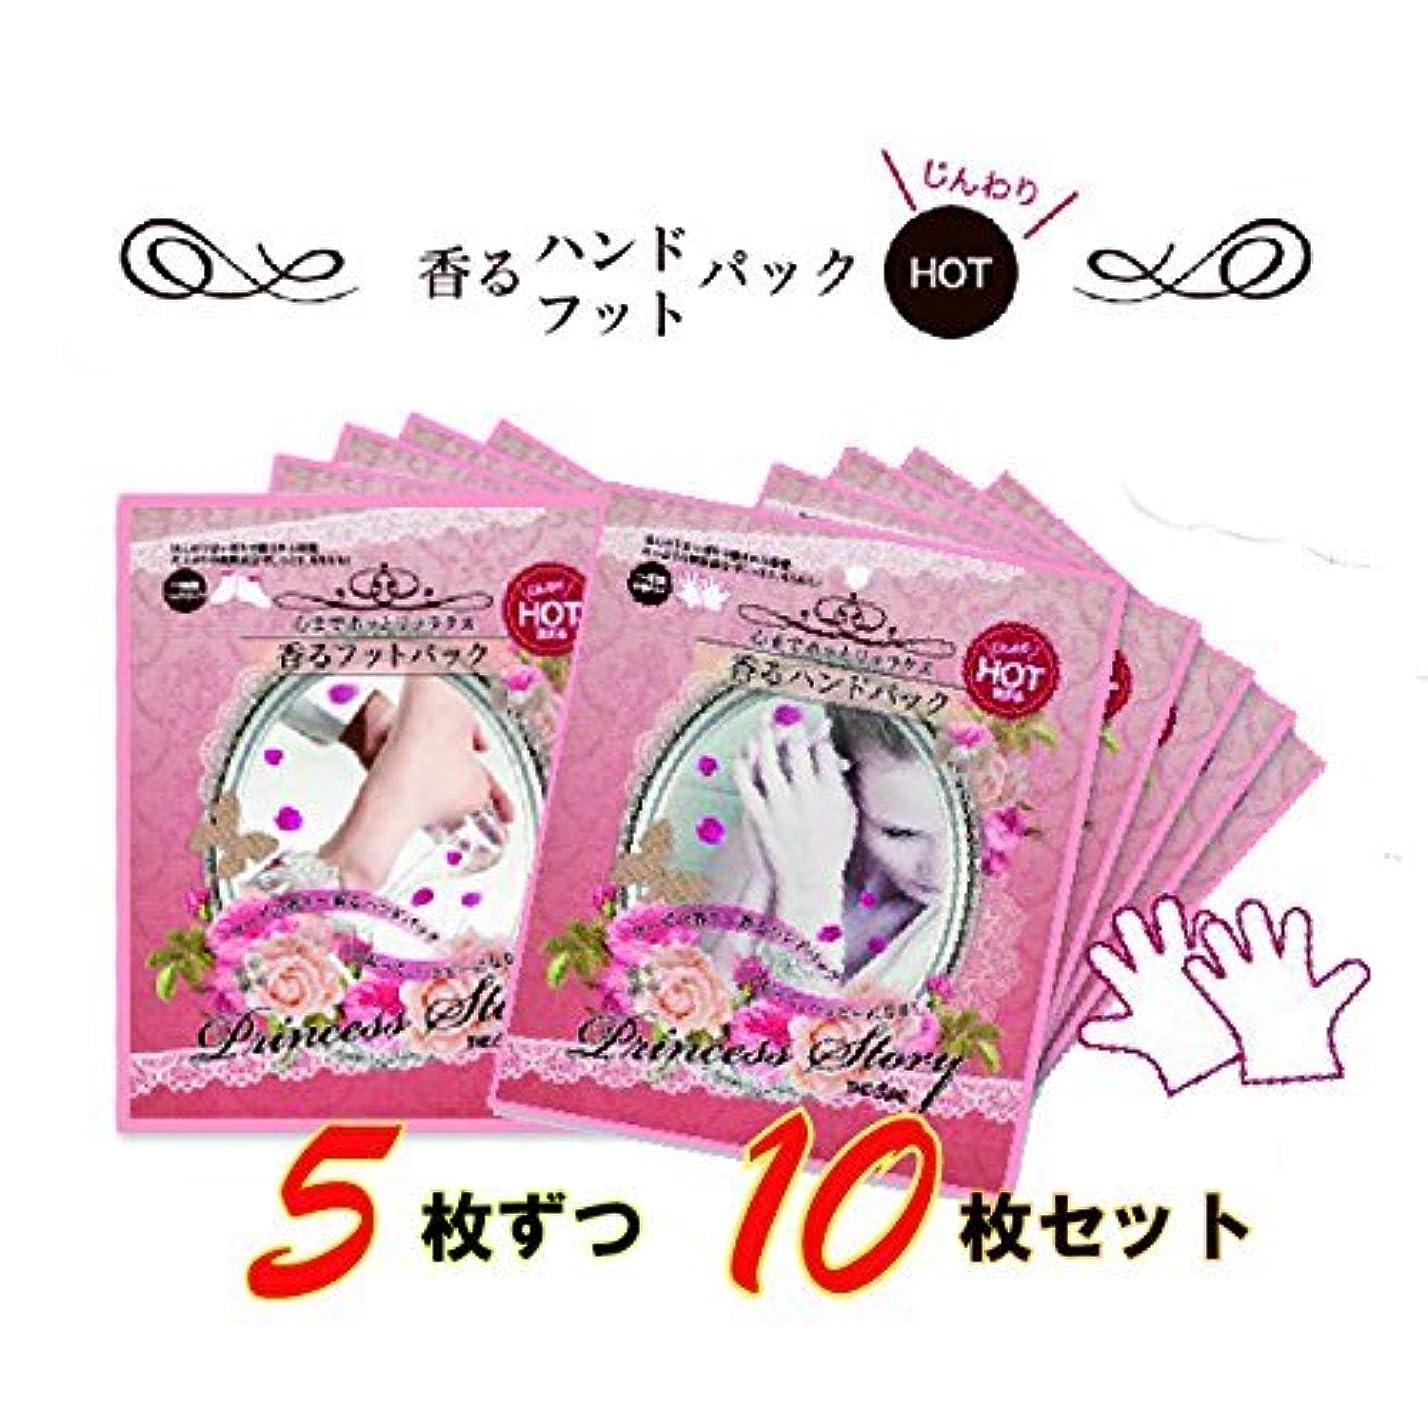 気付くではごきげんよう福祉香るハンド &フットパック HOT キュア プリンセス ストーリーTHE CURE 5枚ずつ10枚セット